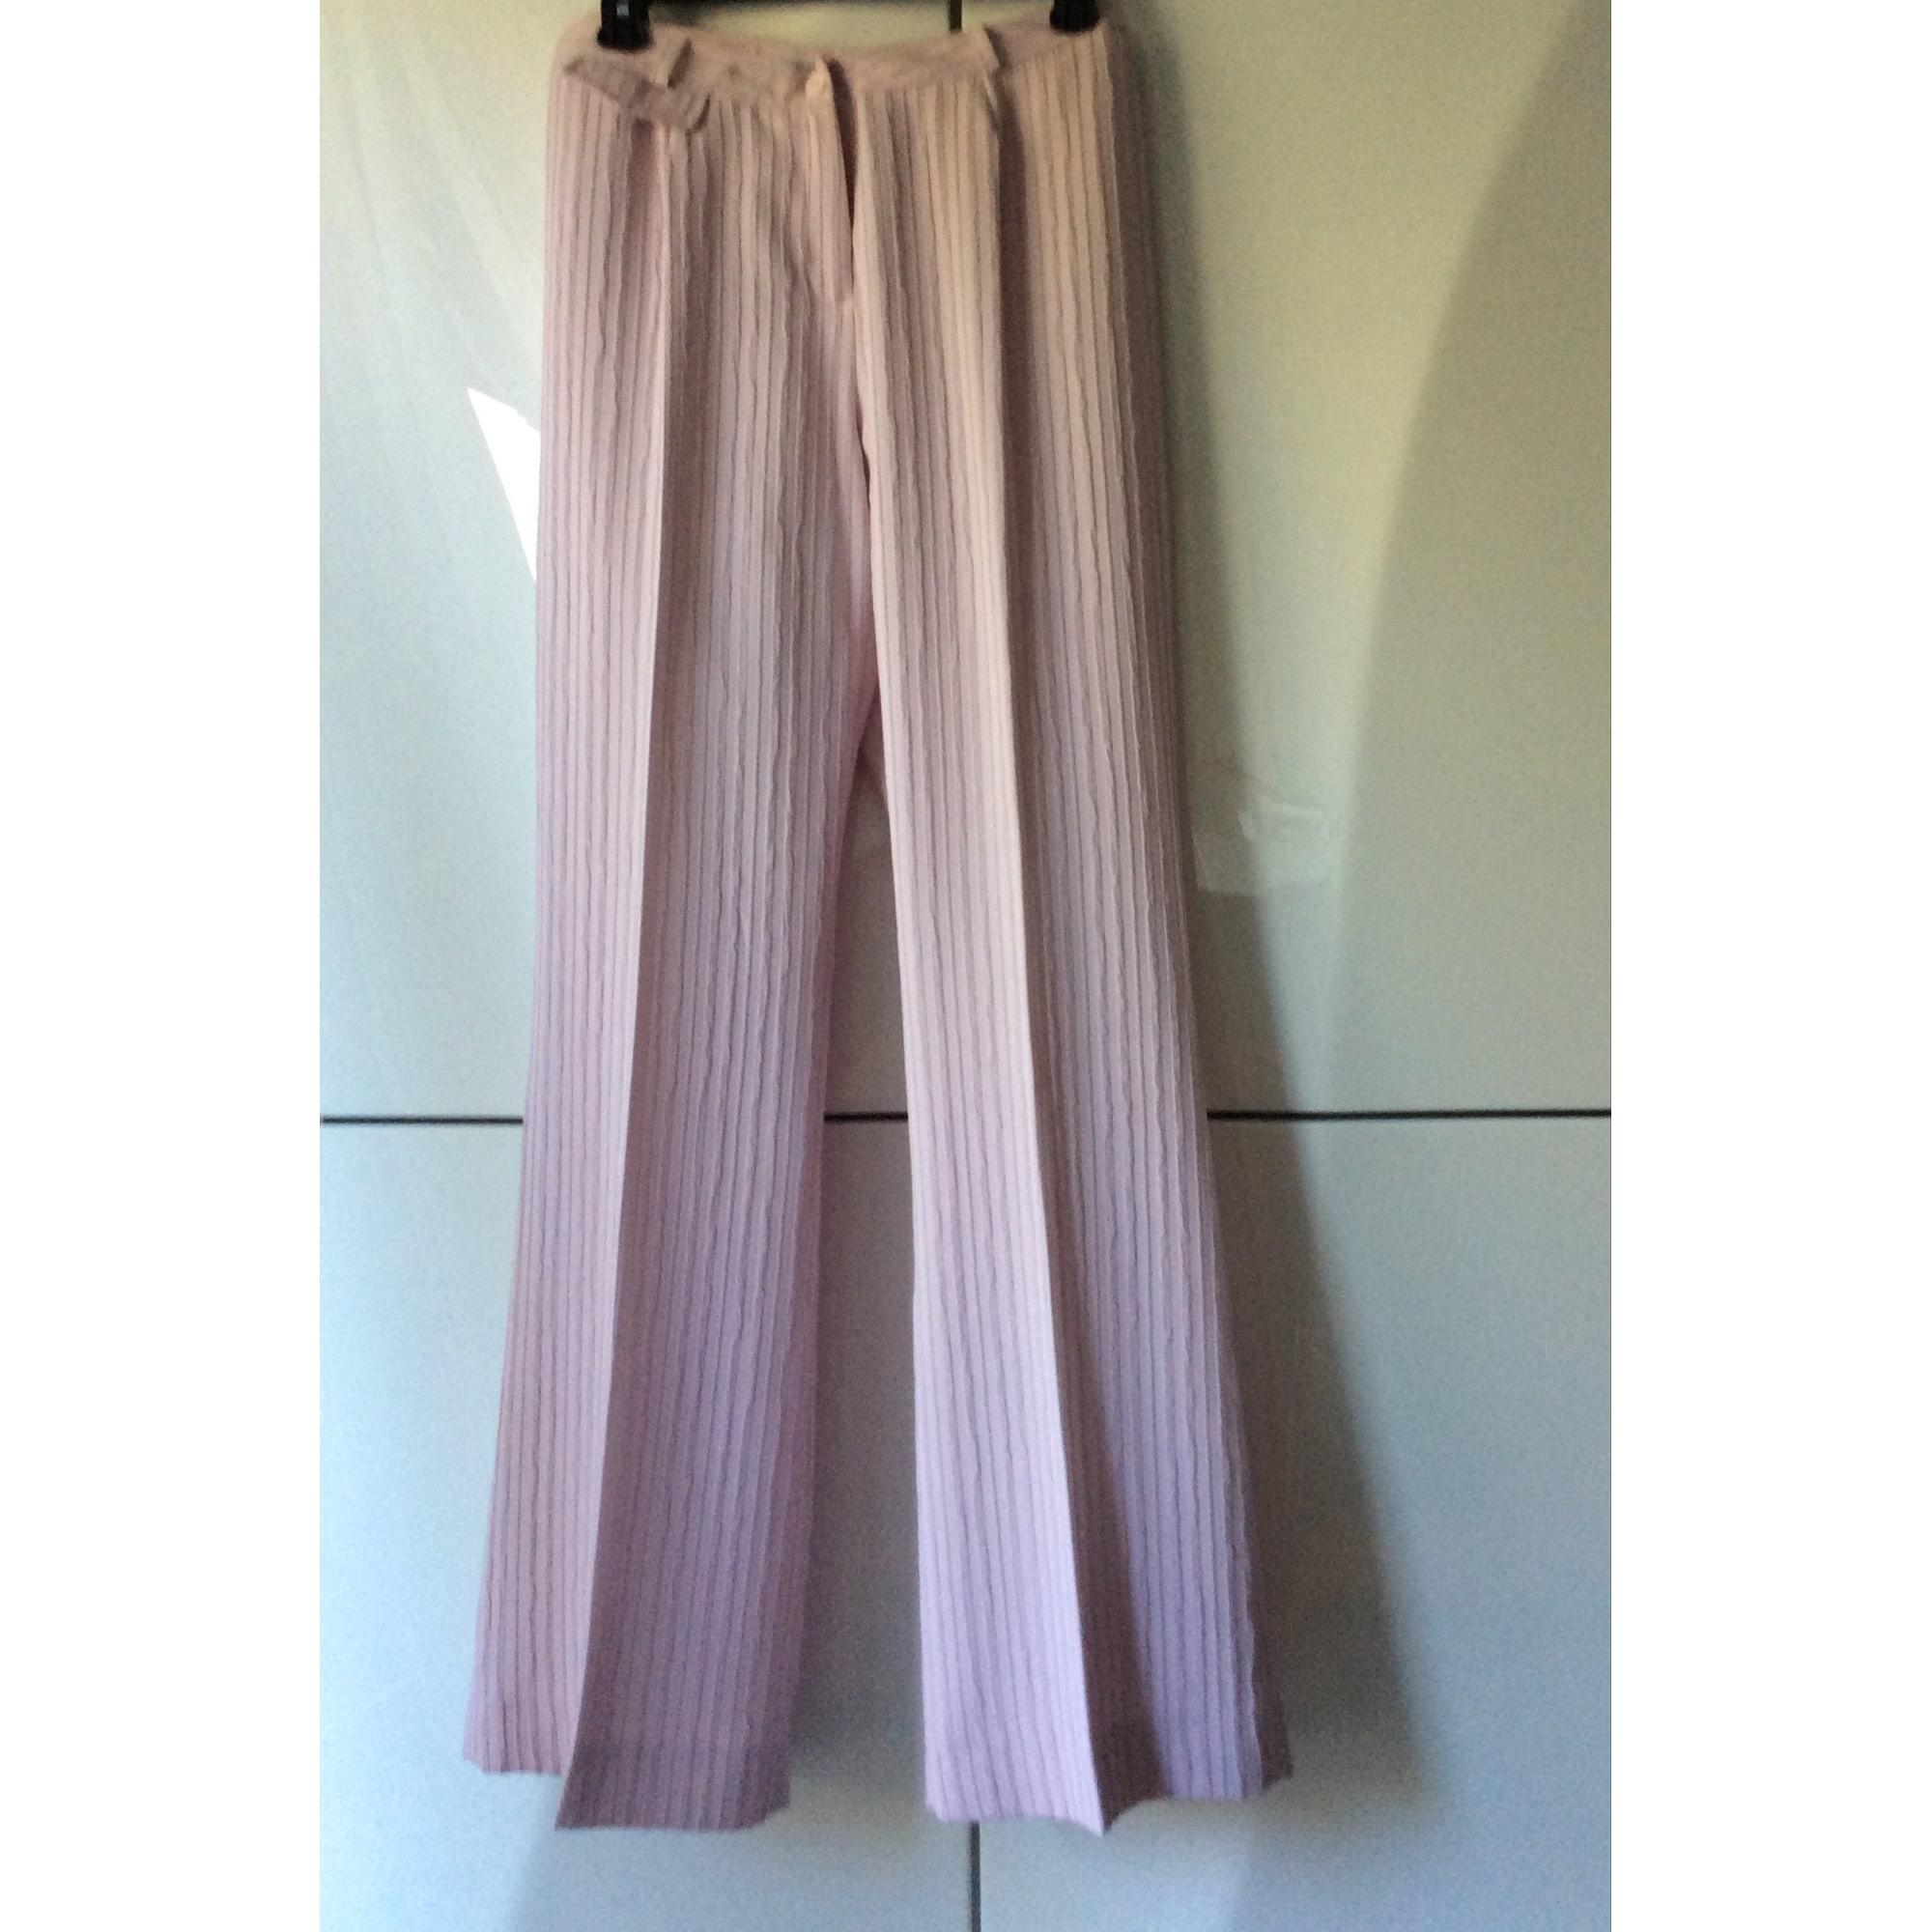 Tailleur pantalon INFINITIF Rose pâle